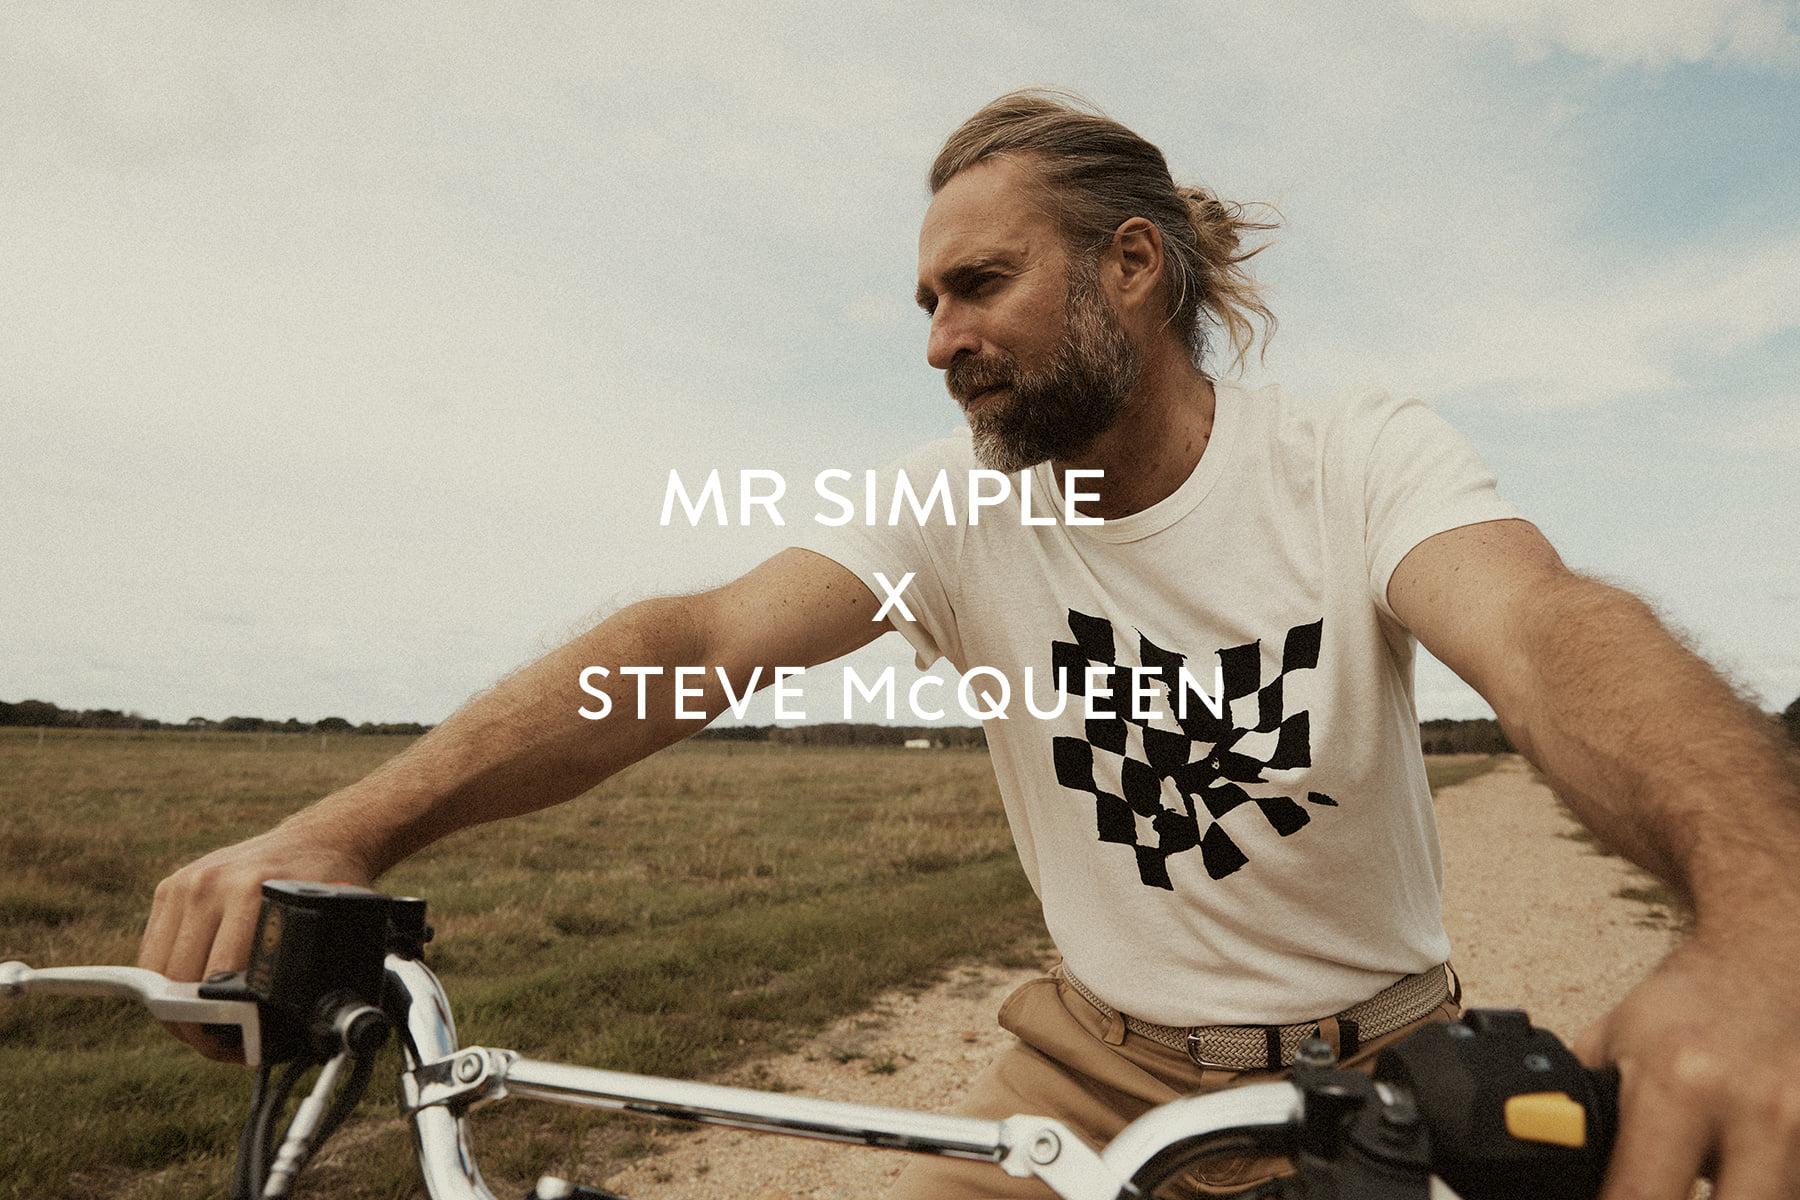 Mr Simple